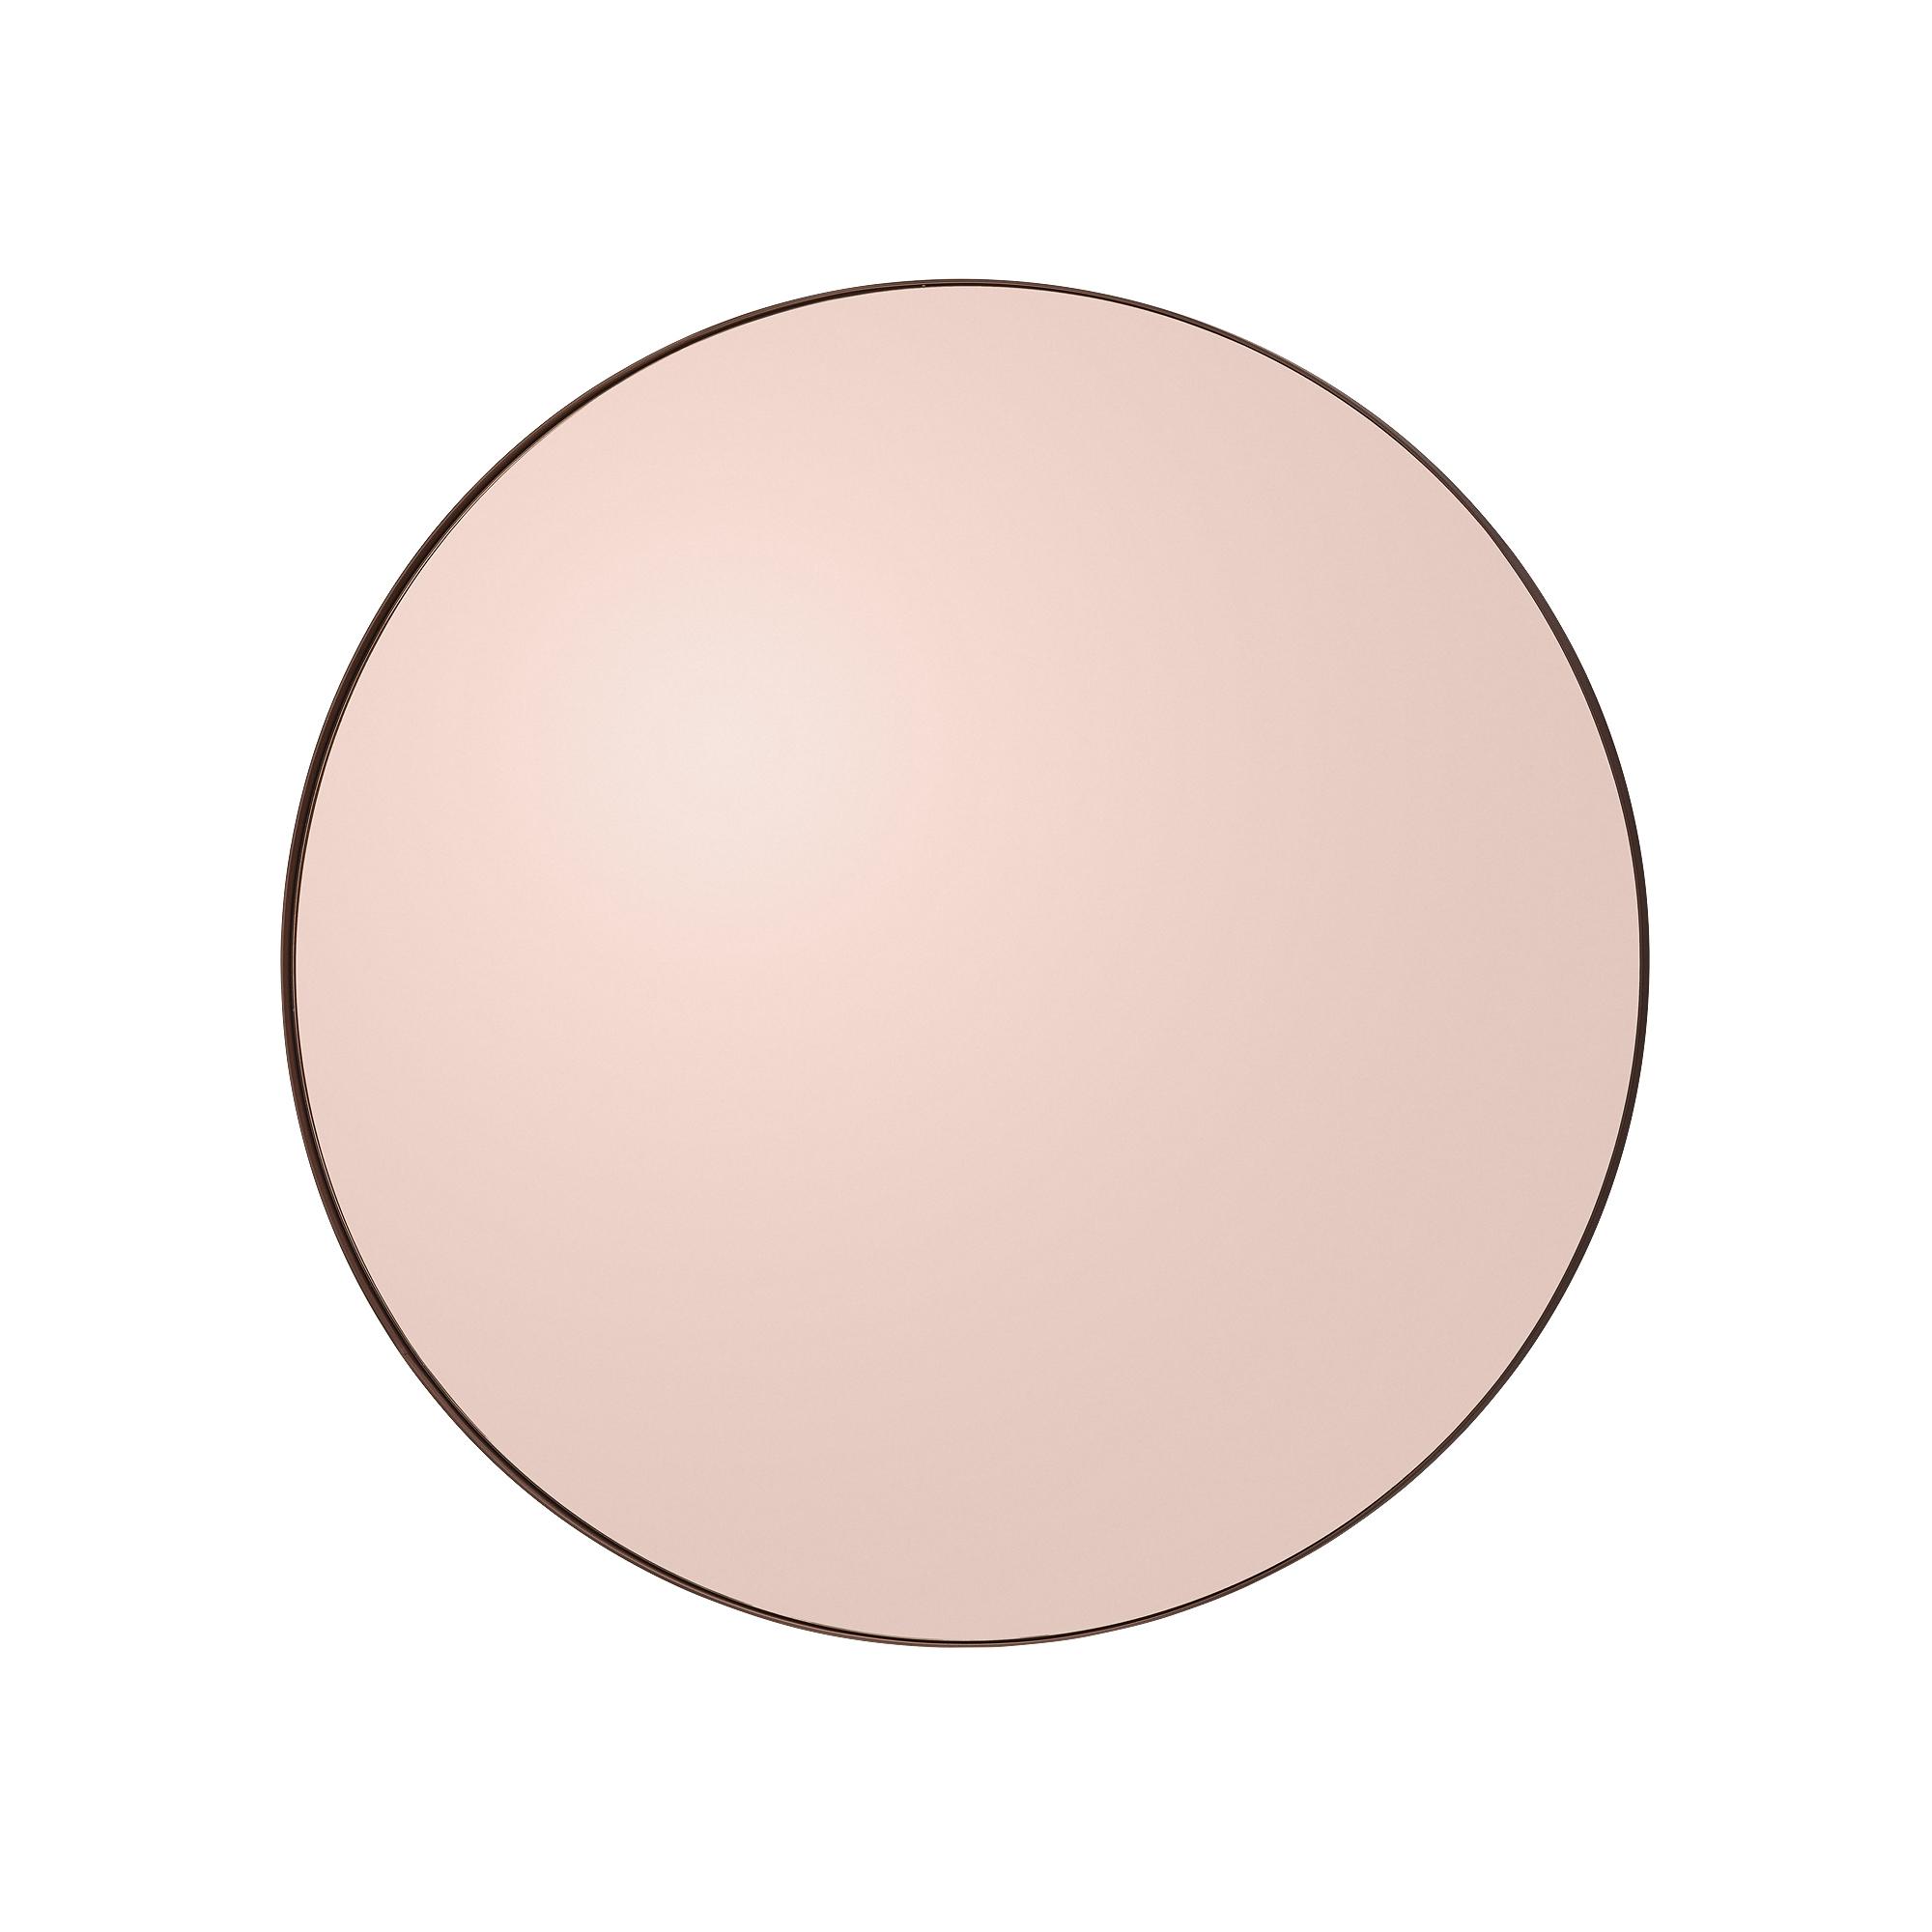 Spegel CIRCUM 90 cm rose, AYTM